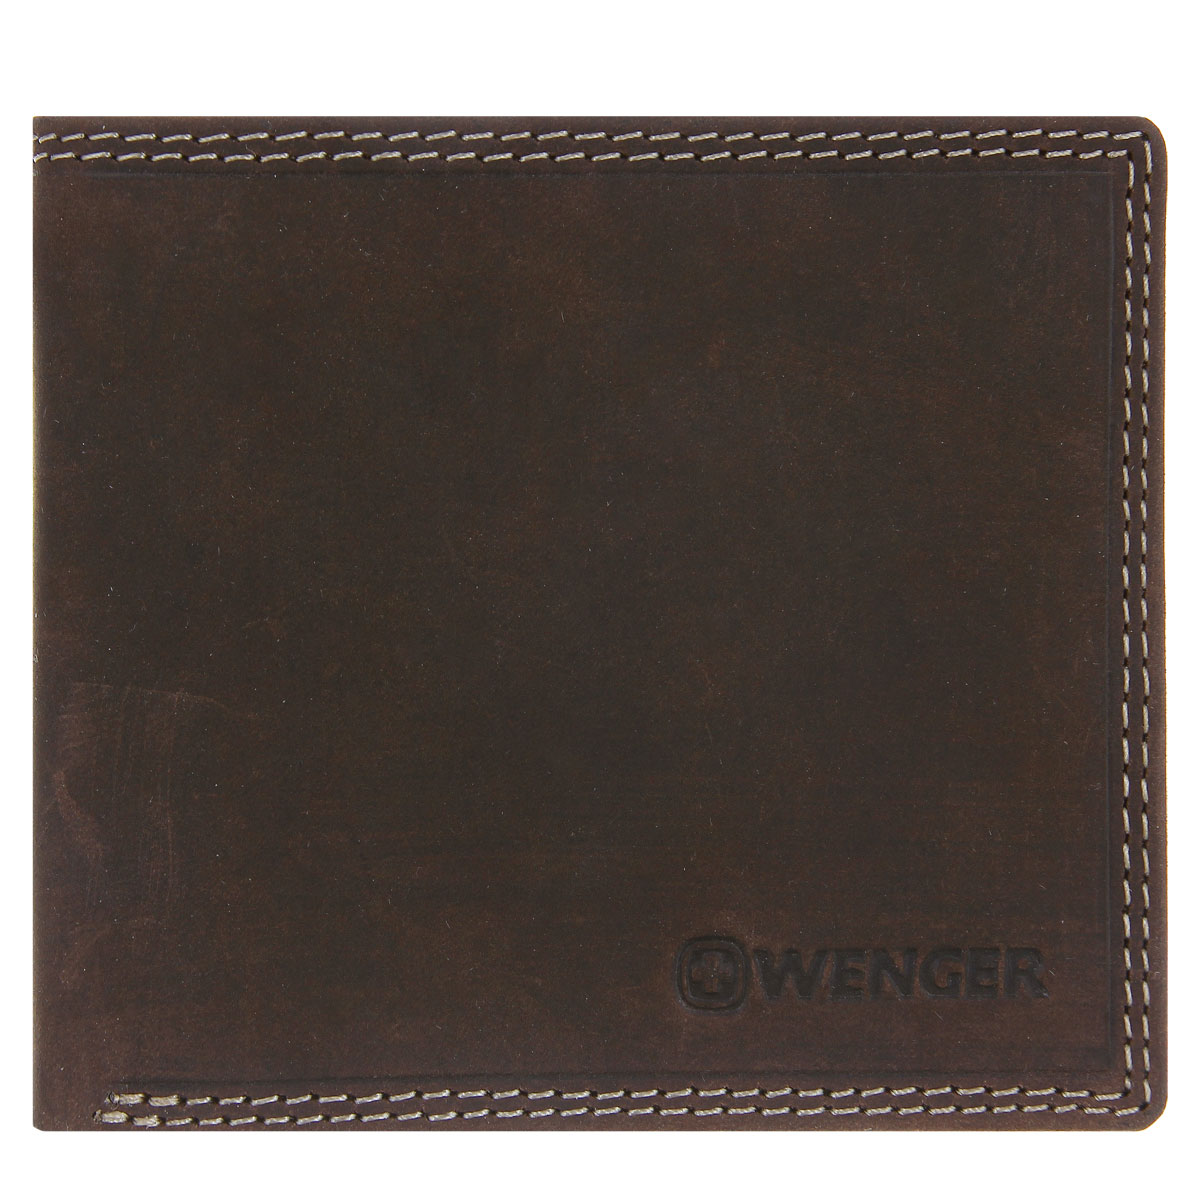 Портмоне мужское Wenger, цвет: коричневый. W5-09INT-06501Изысканное мужское портмоне Wenger изготовлено из натуральной кожи и оформлено декоративной прострочкой, тиснениями в виде названия и логотипа бренда на лицевой стороне. Внутри - два отделения для купюр, отсек для мелочи на замке-кнопке, два боковых кармана и четыре прорези для визиток и банковских карт. Изюминка модели - перекидной блок, который содержит четыре прорези и сетчатый карман.Изделие упаковано в фирменную коробку.Модное портмоне Wenger придется по душе истинному ценителю прекрасного.По всем вопросам гарантийного и постгарантийного обслуживания рюкзаков, чемоданов, спортивных и кожаных сумок, а также портмоне марок Wenger и SwissGear вы можете обратиться в сервис-центр, расположенный по адресу: г. Москва, Саввинская набережная, д.3. Тел: (495) 788-39-96, (499) 248-56-56, ежедневно с 9:00 до 21:00. Подробные условия гарантийного обслуживания приведены в гарантийном талоне, поставляемым в комплекте с каждым изделием. Бесплатный ремонт изделий производится при условии предоставления гарантийного талона и товарного/кассового чека, подтверждающего дату покупки.